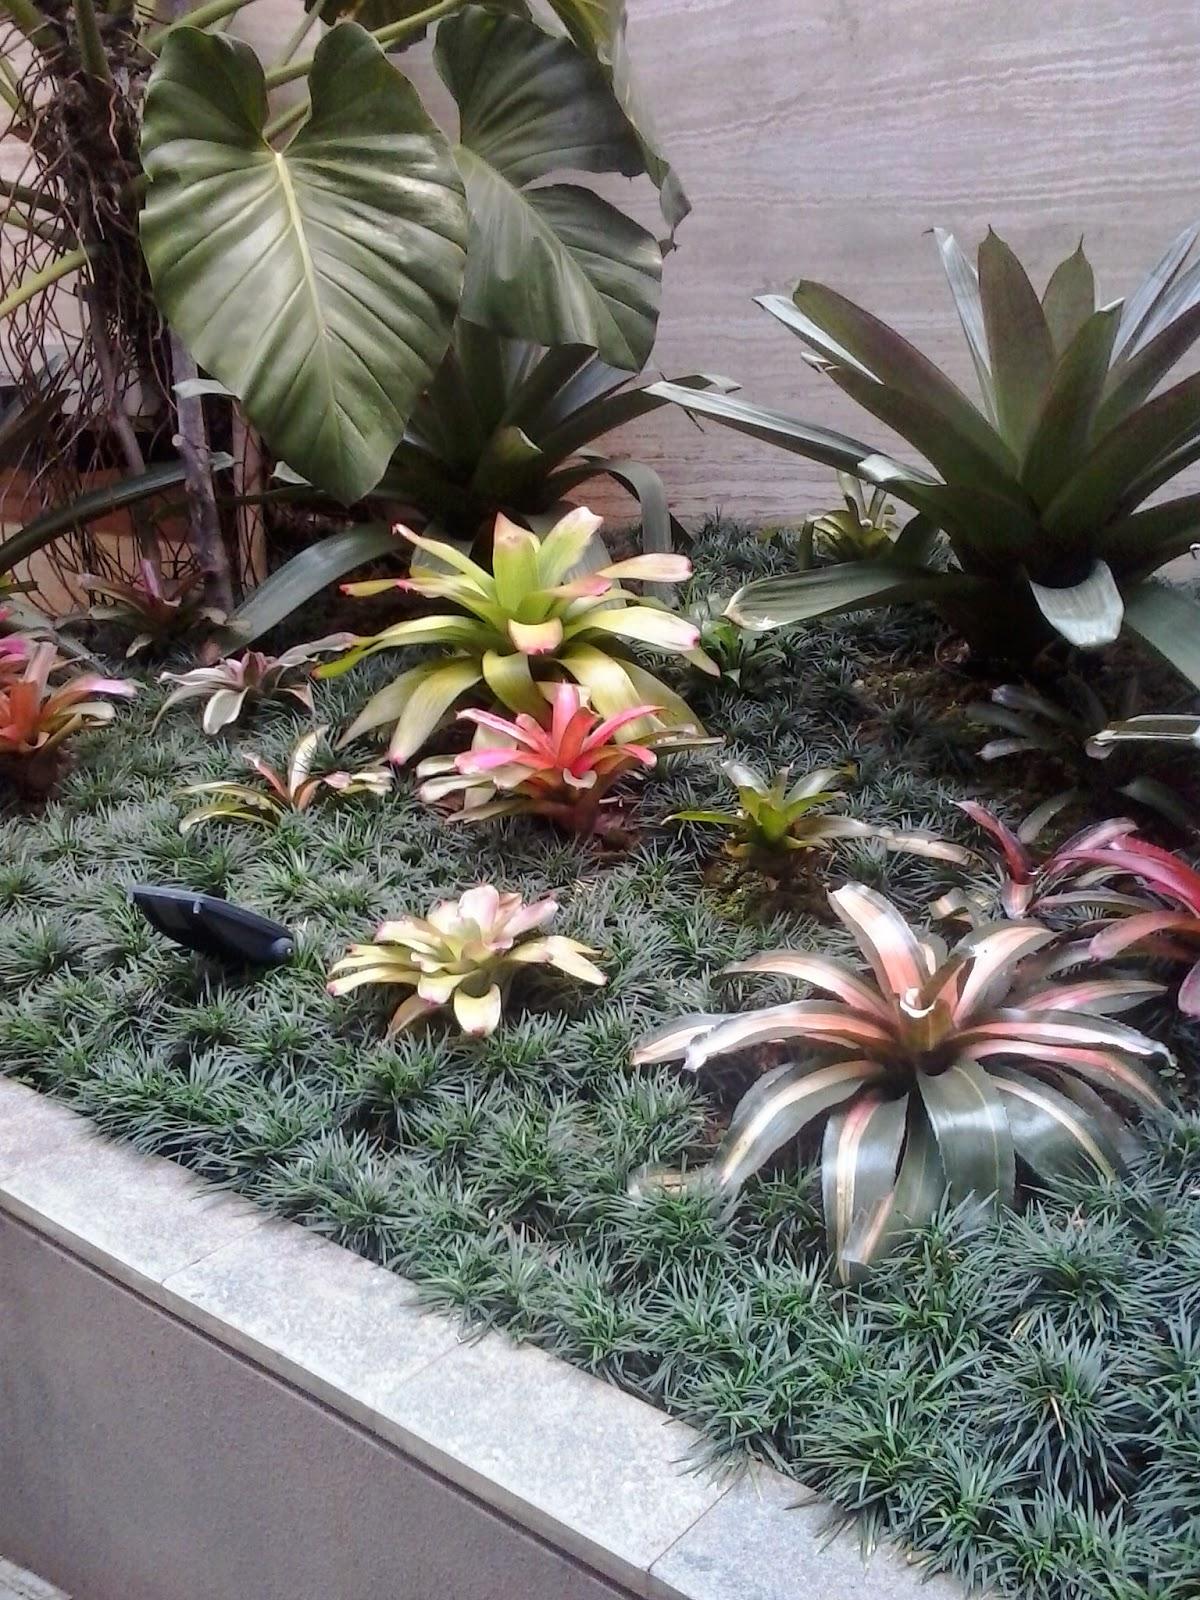 jual tanaman hias bogor | bromelia hias